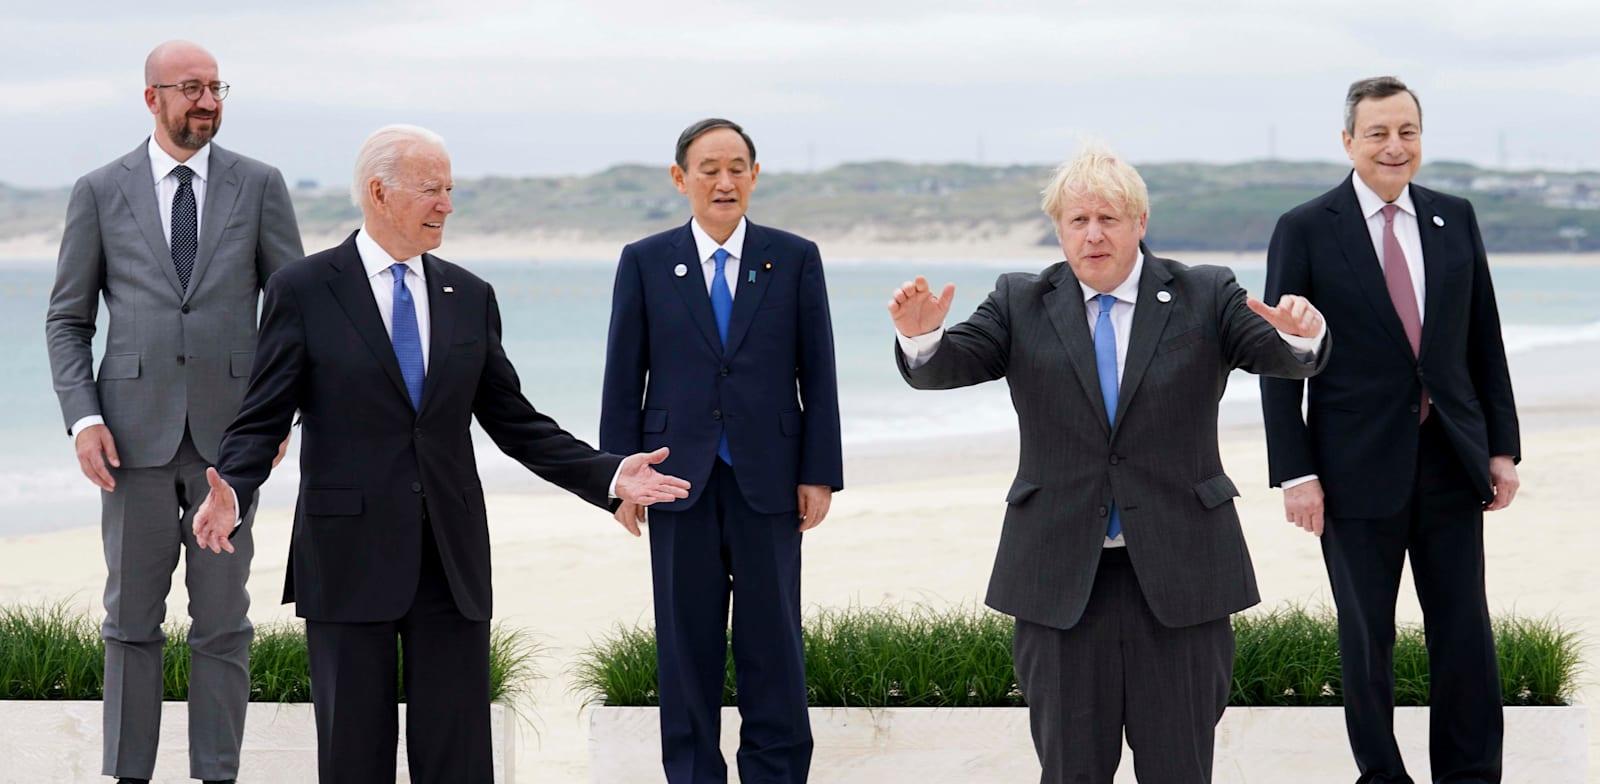 עם ראש ממשלת בריטניה, בוריס ג'ונסון, שלישי / צילום: Associated Press